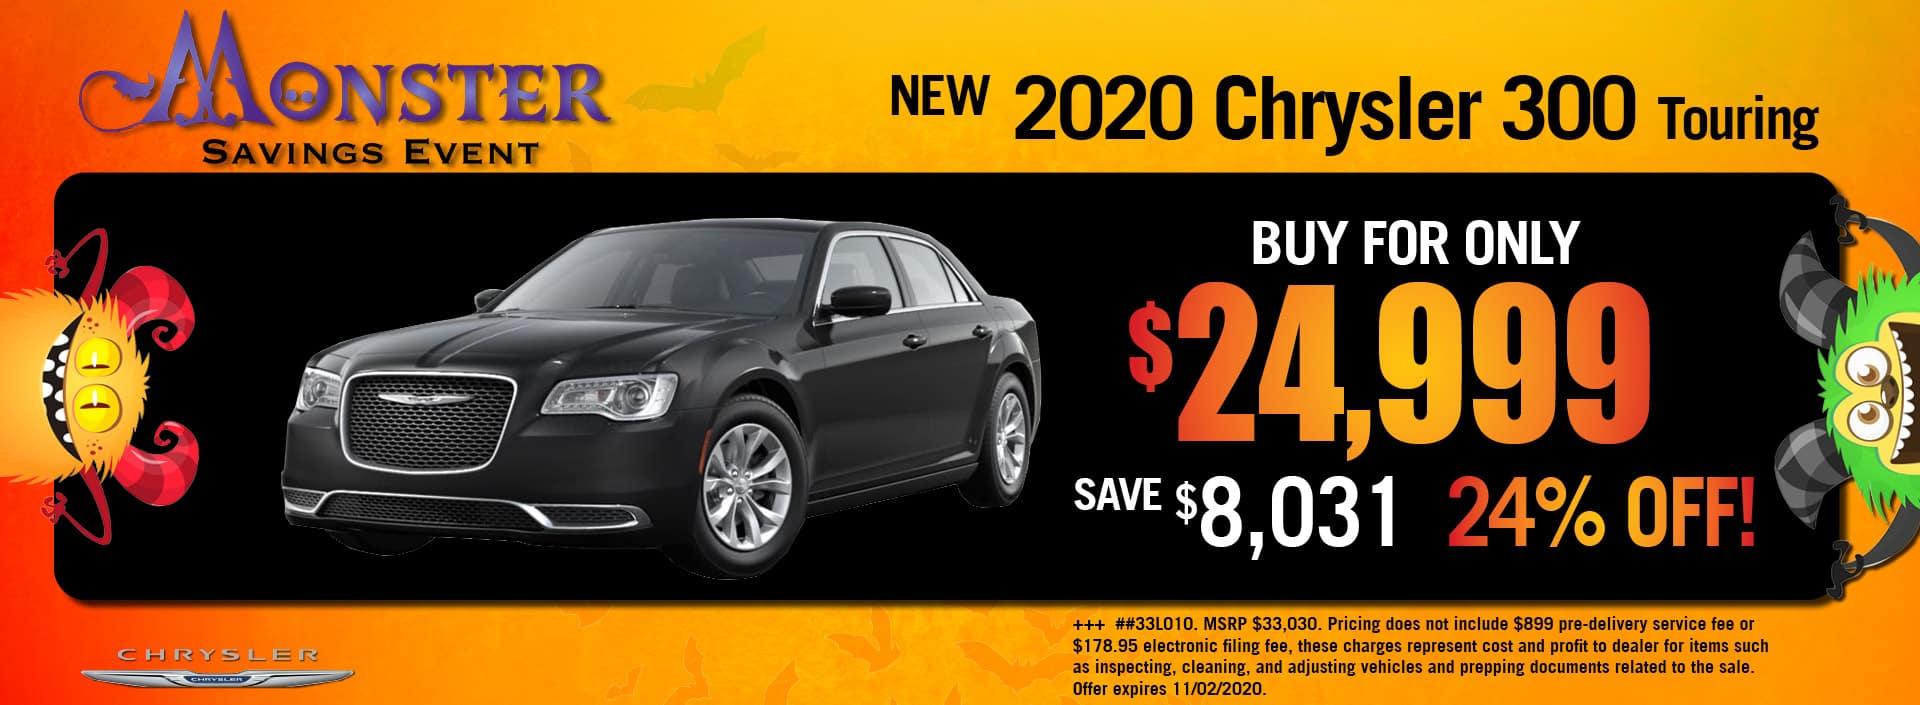 2020 Chrysler300_24999